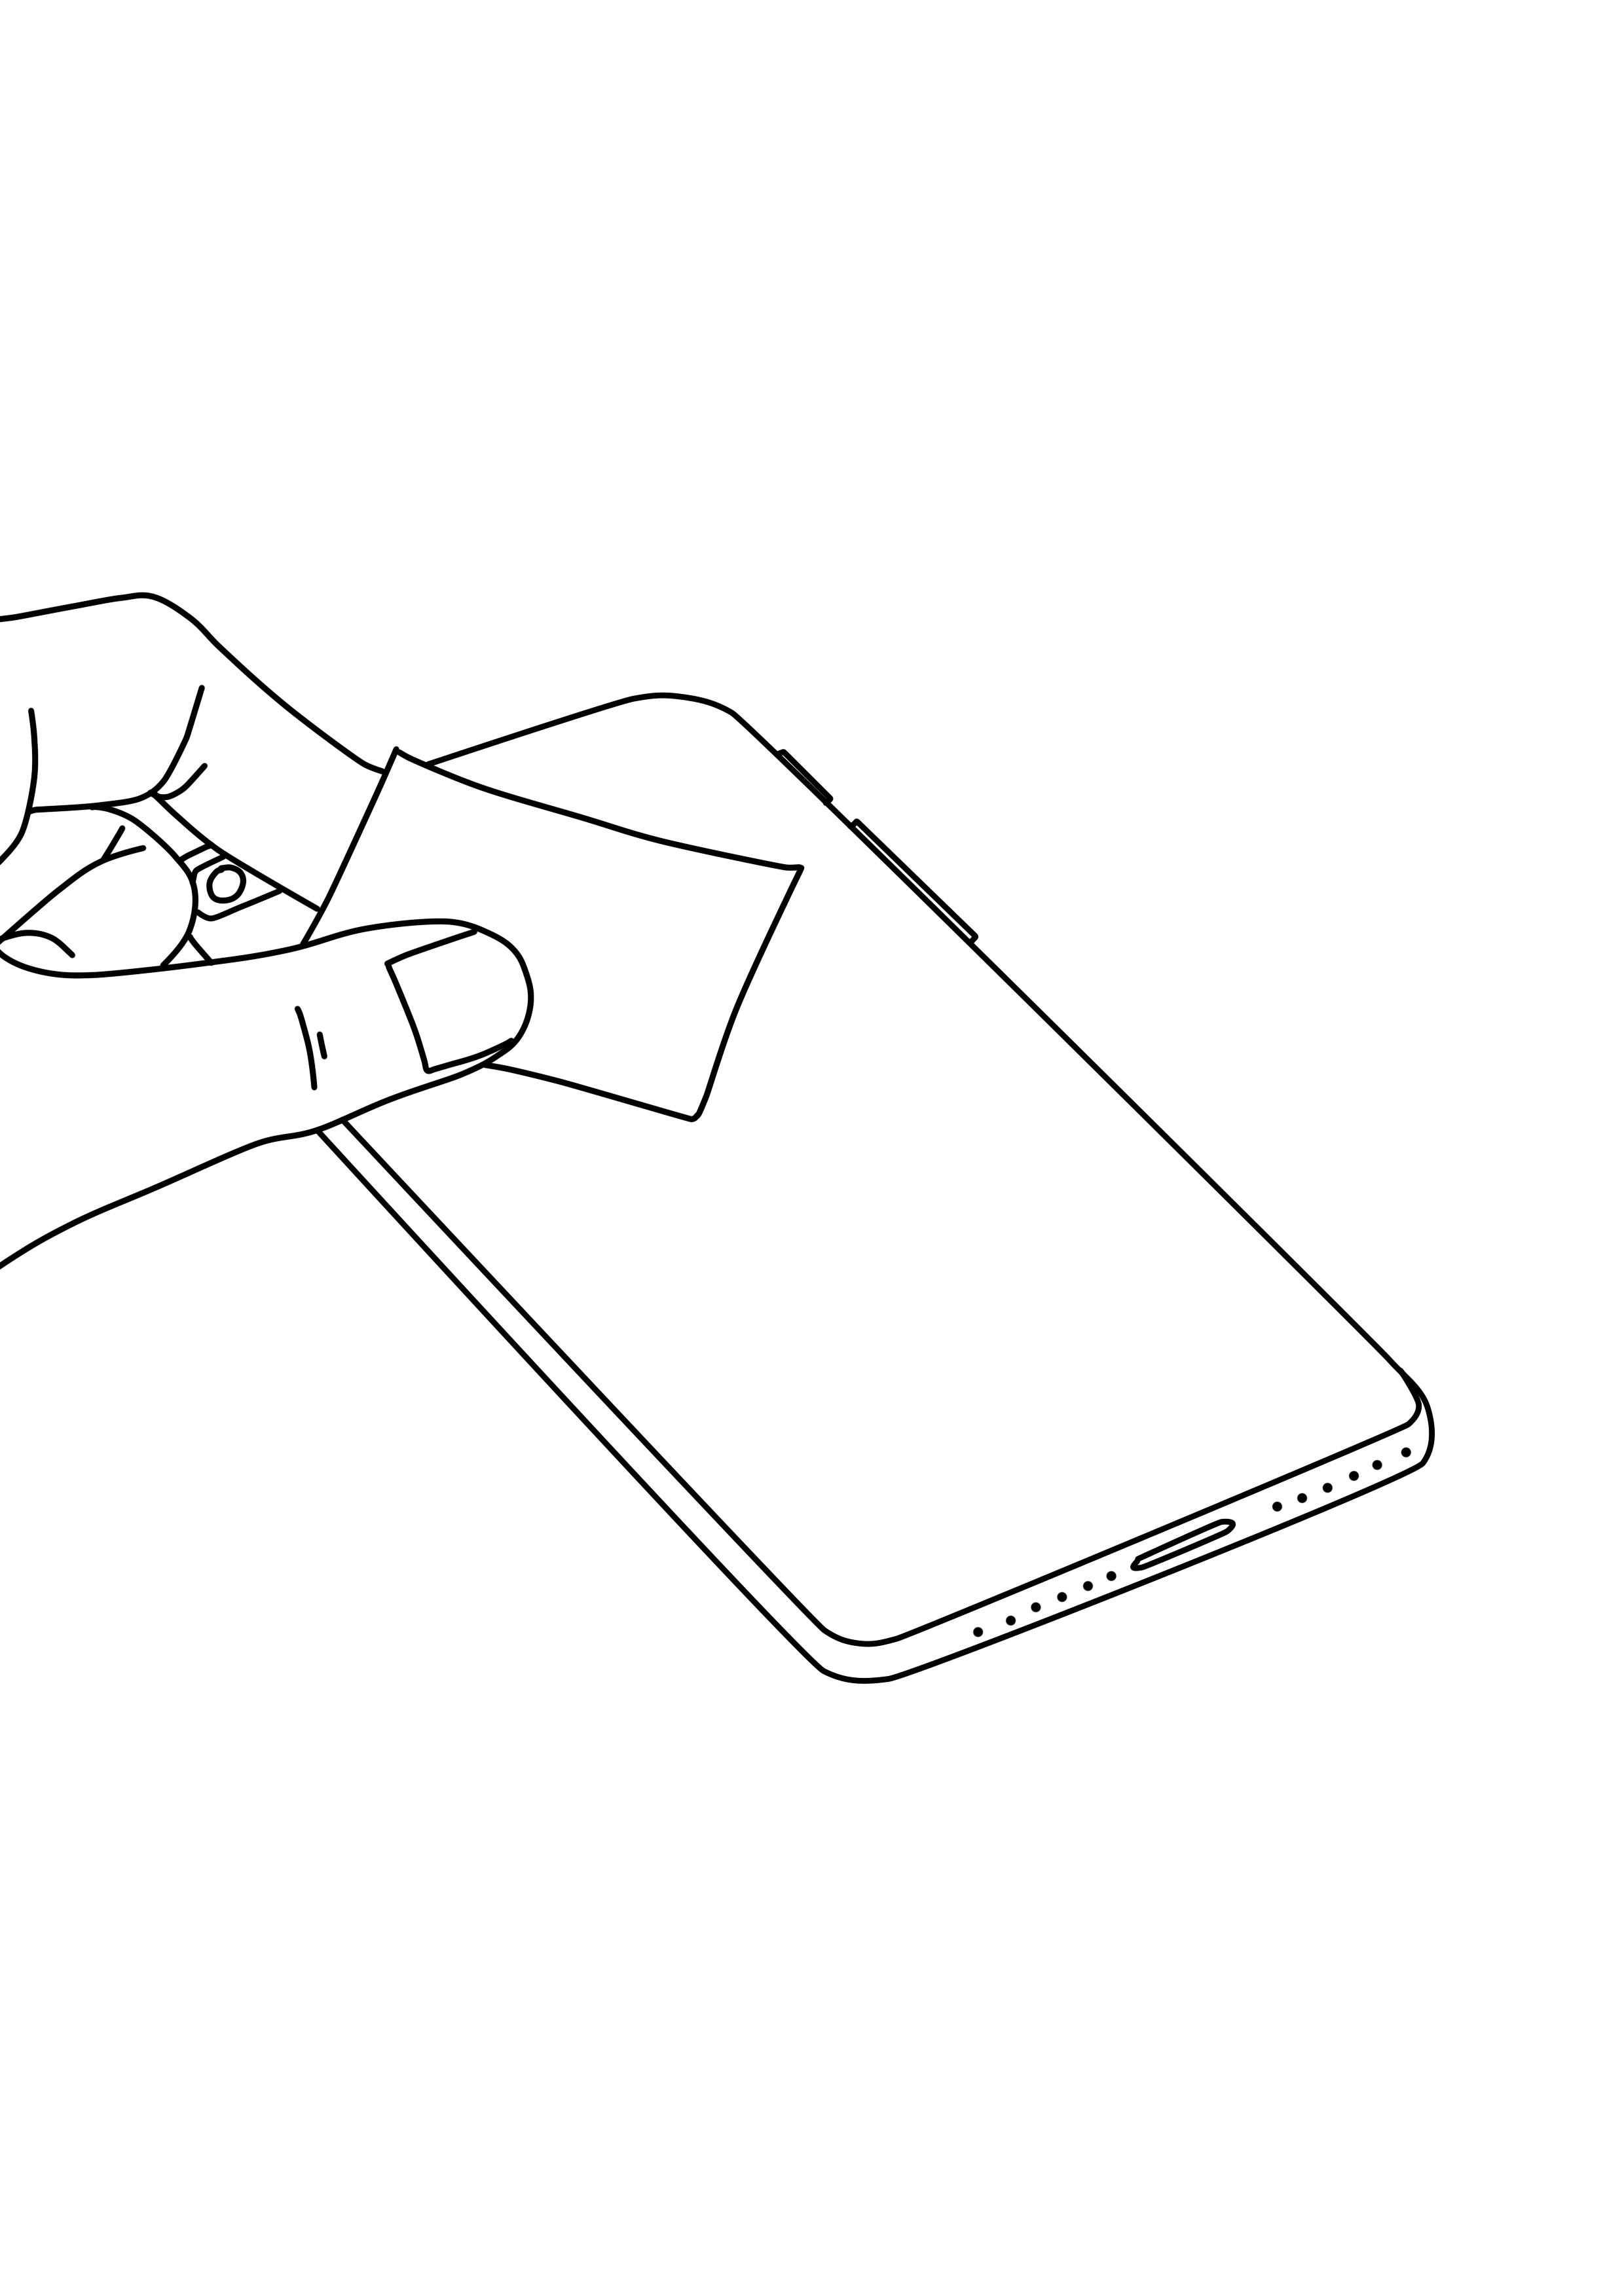 手机贴膜使用说明书插图